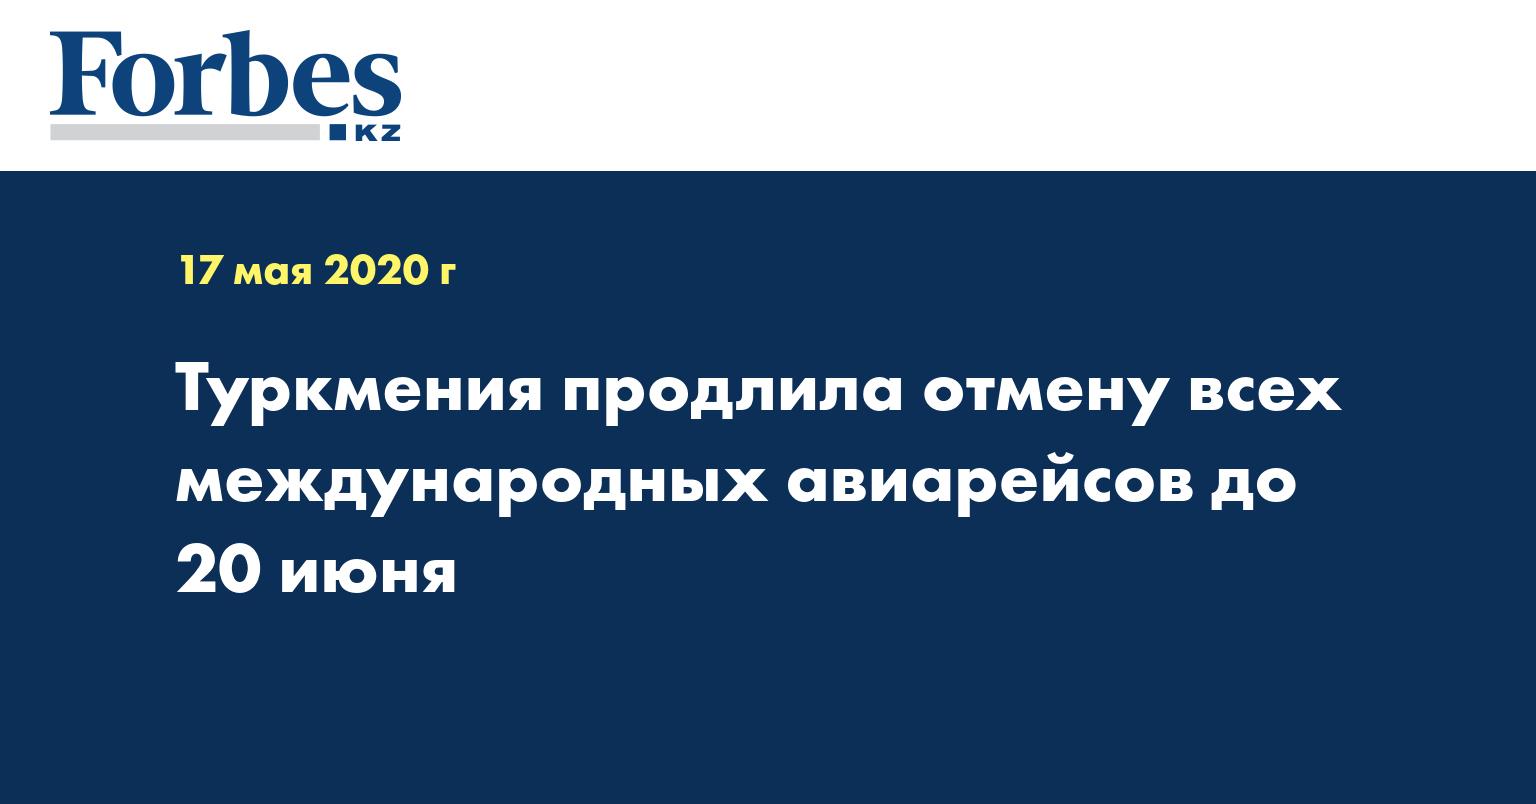 Туркмения продлила отмену всех международных авиарейсов до 20 июня